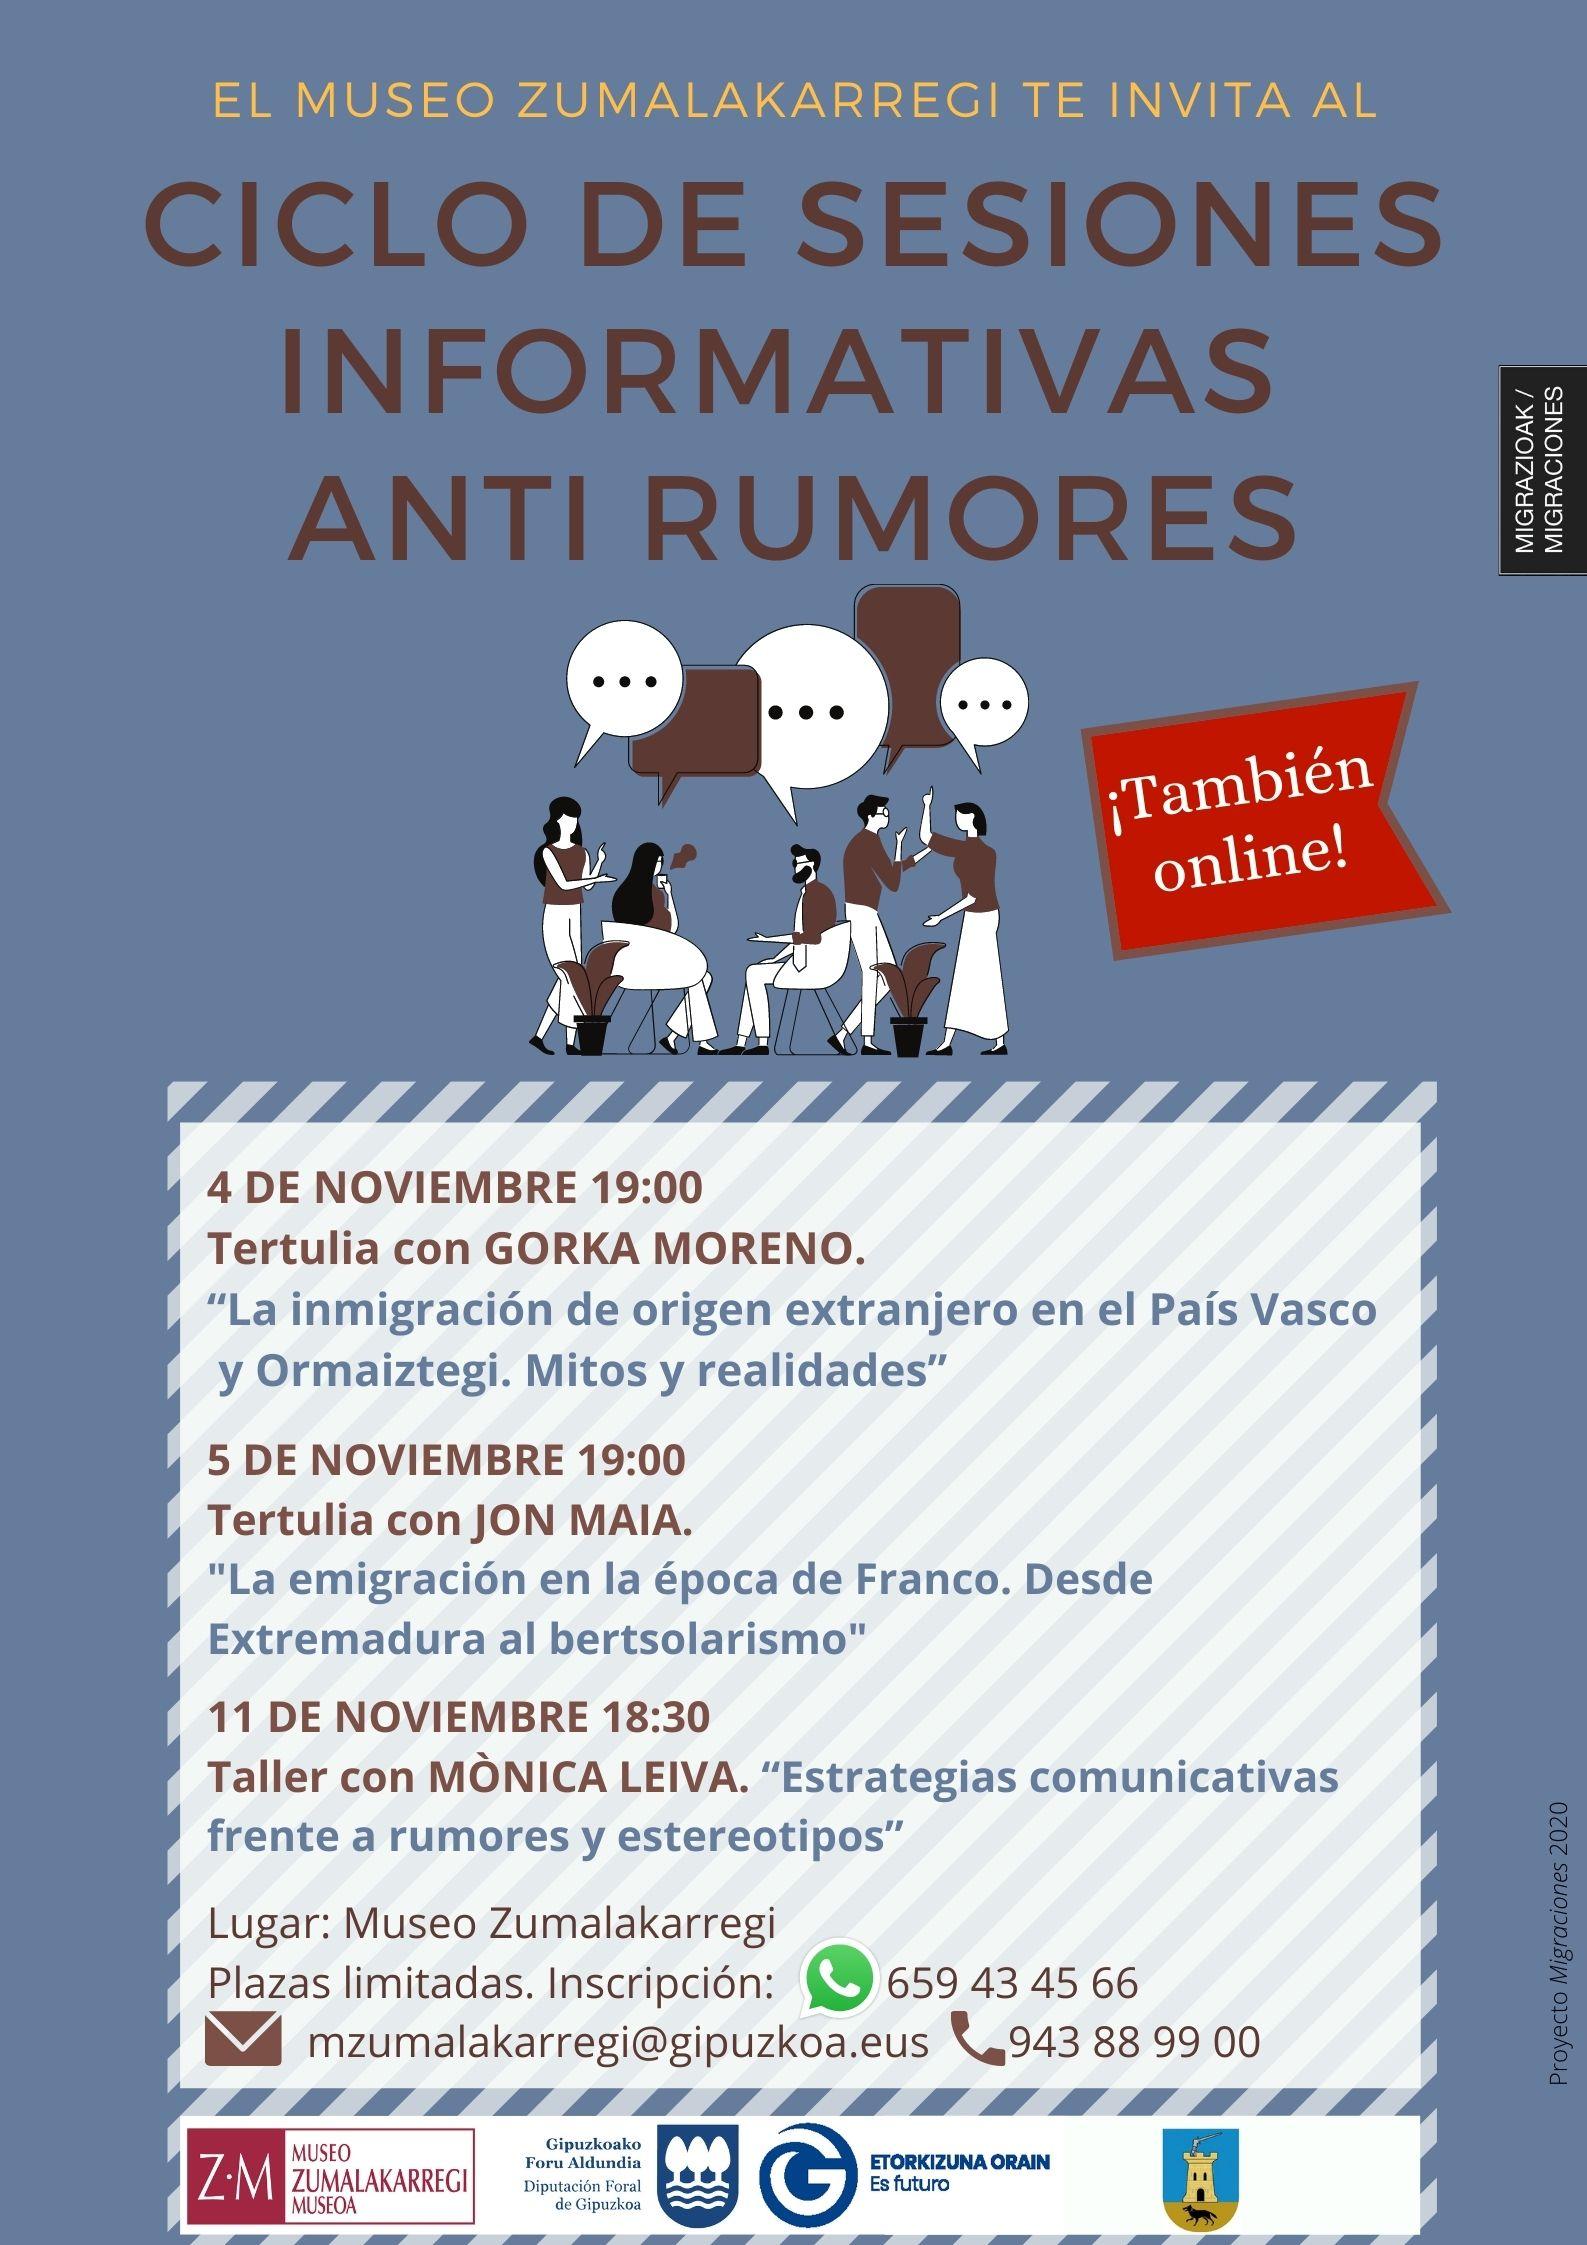 Sesiones informativas anti rumores.